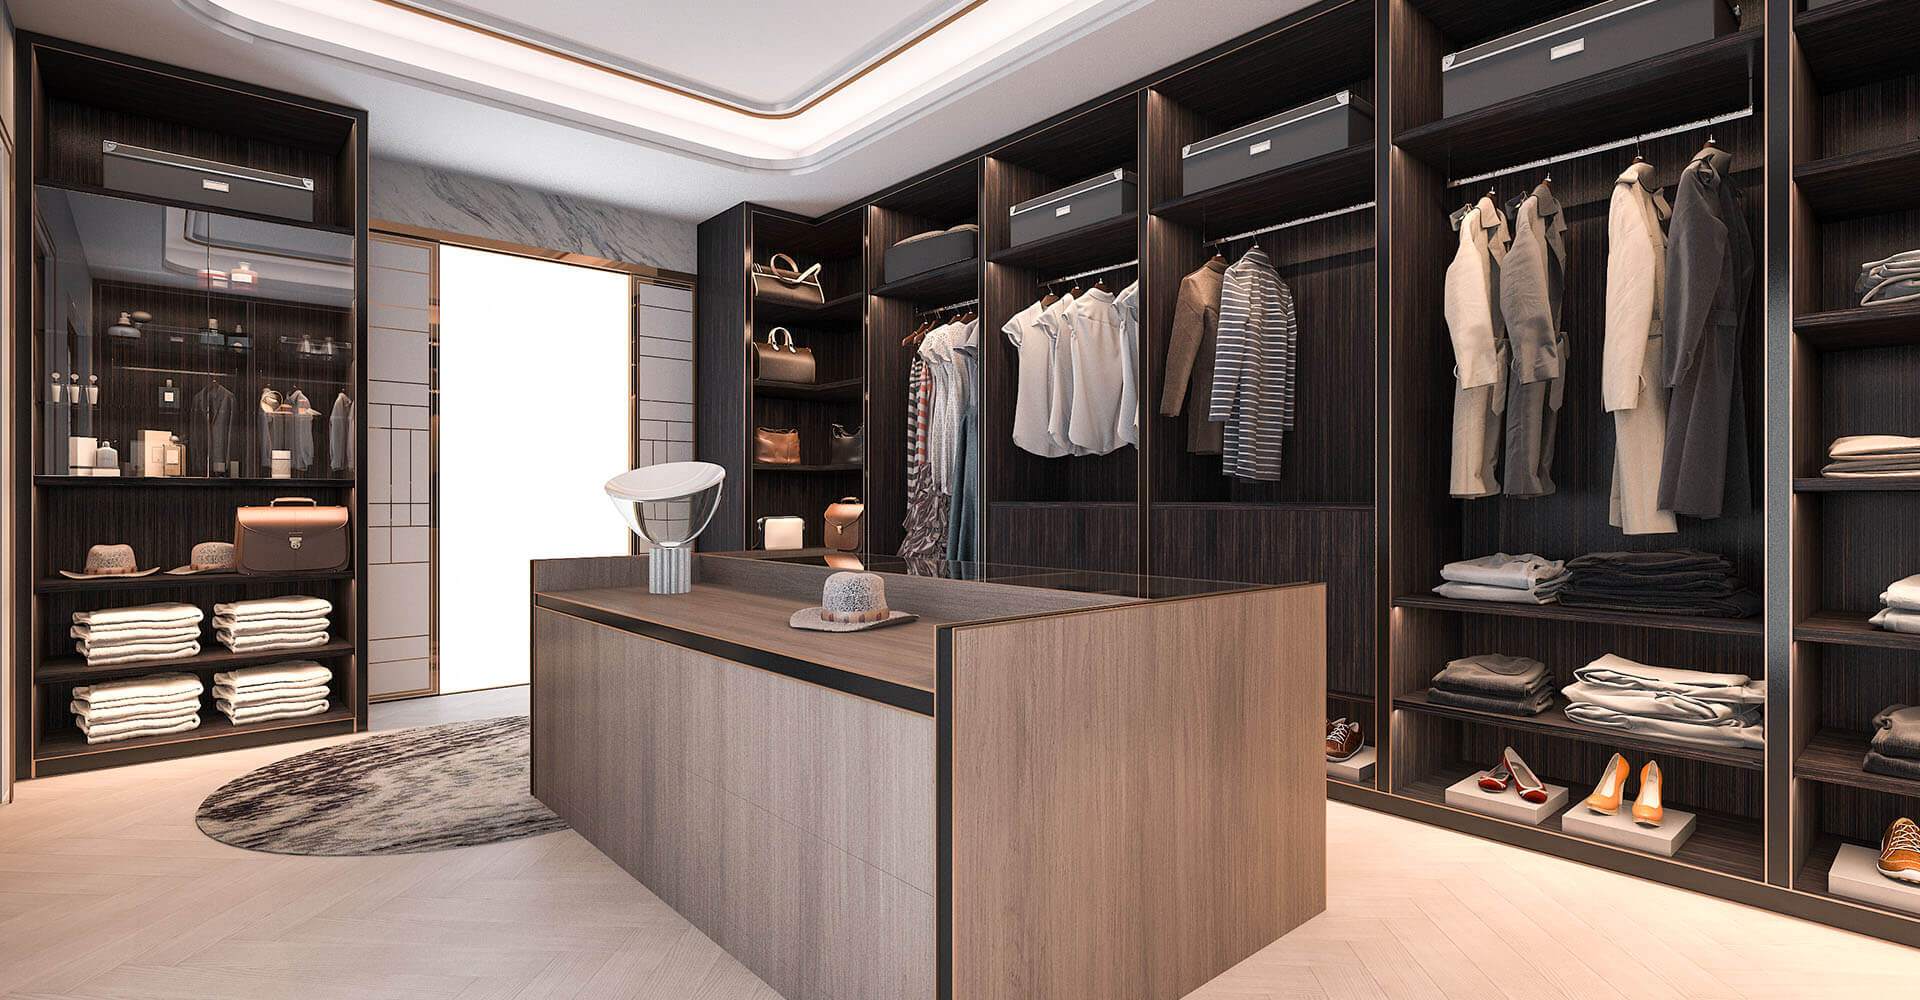 kleiderschrank aufr umen 8 tipps f r mehr ordnung im kleiderschrank. Black Bedroom Furniture Sets. Home Design Ideas